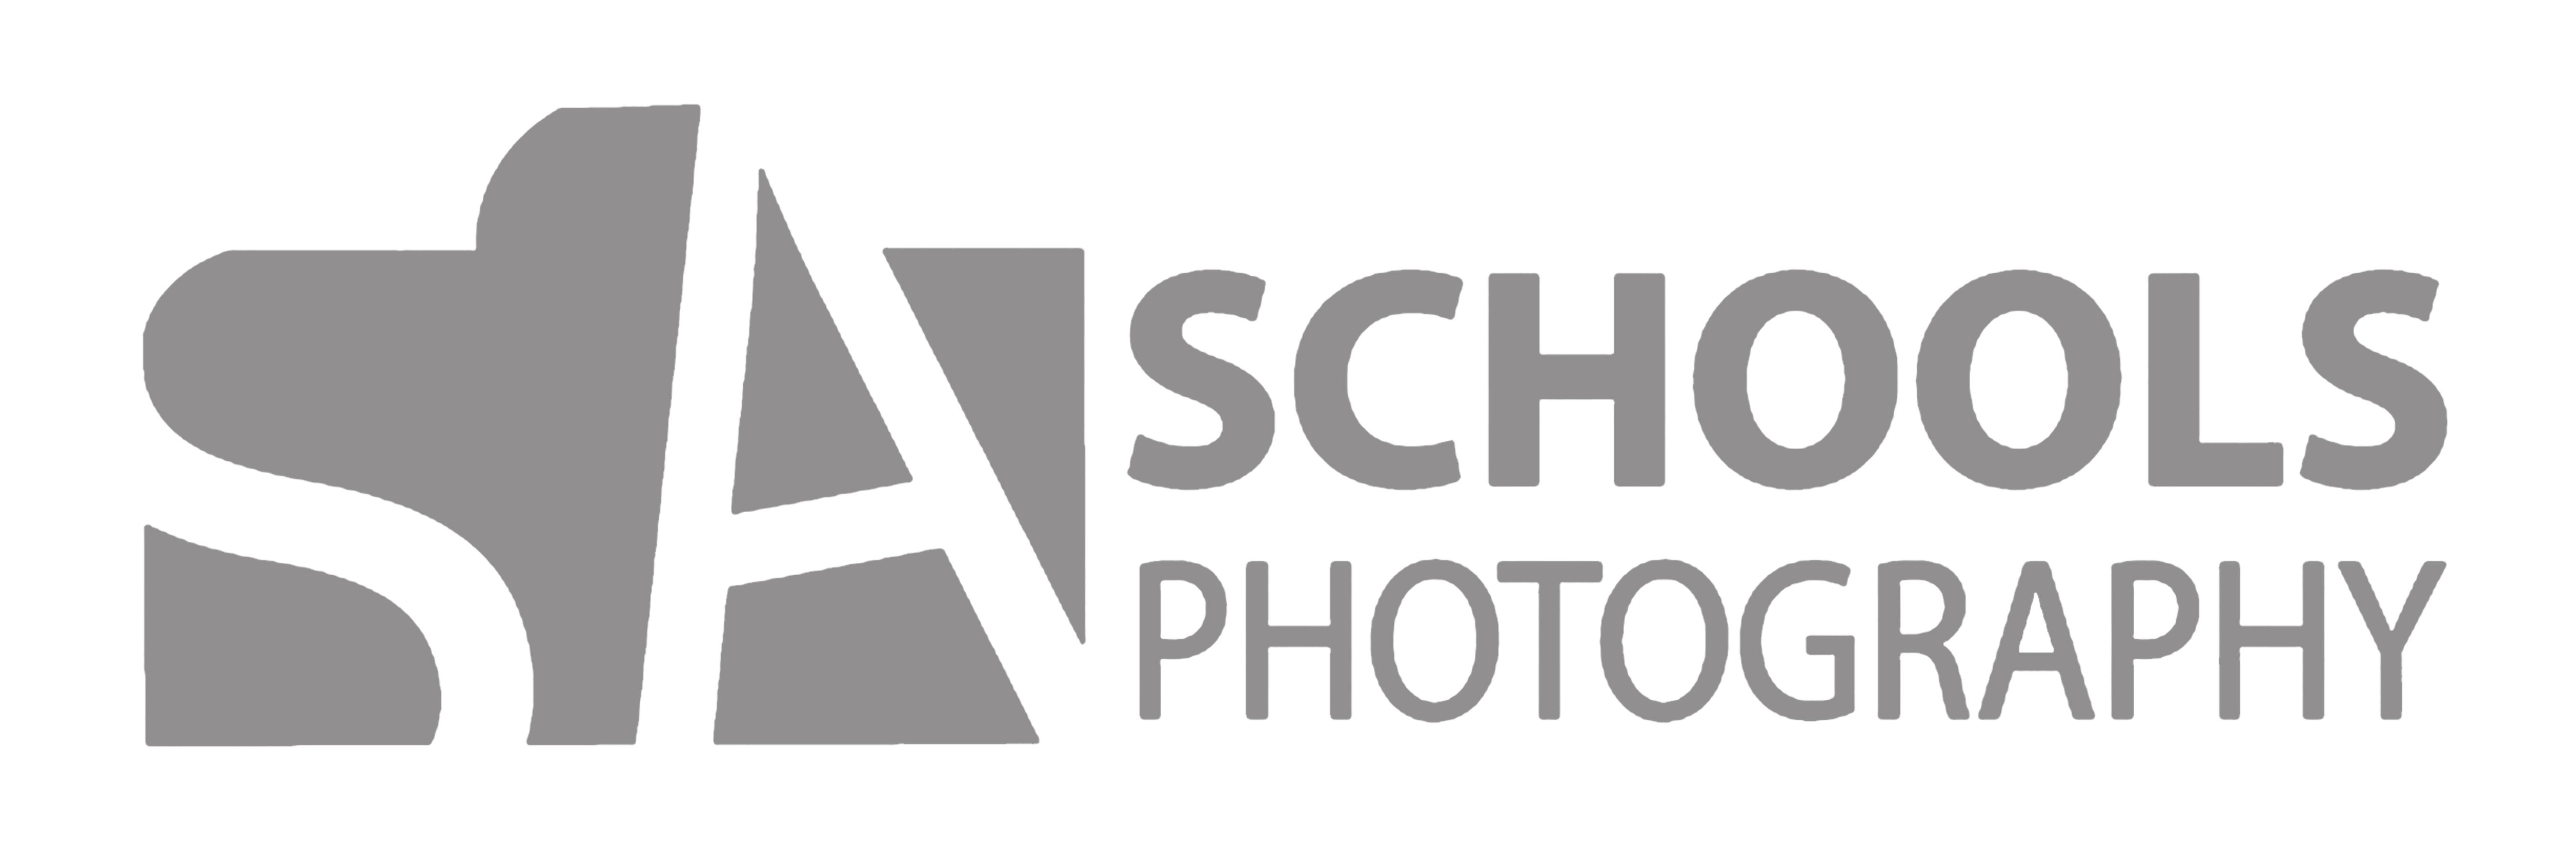 Sa Schools Photography